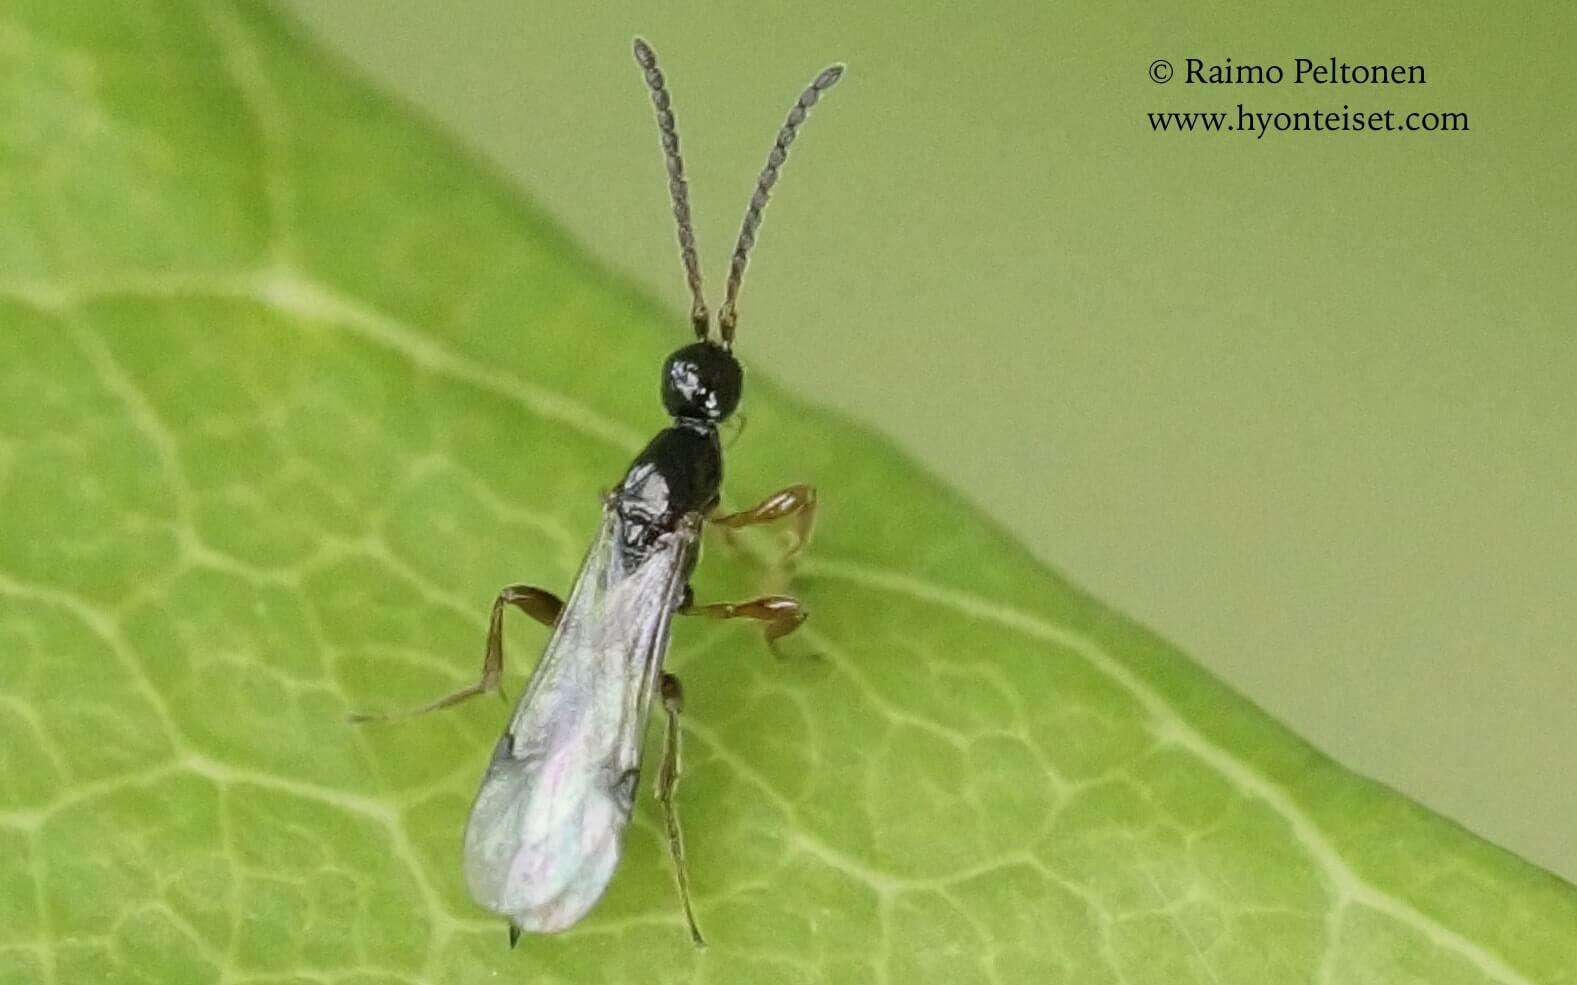 Proctotrupidae sp.-keripistiäinen (det. Juho Paukkunen), 27.6.2017 Jyväskylä